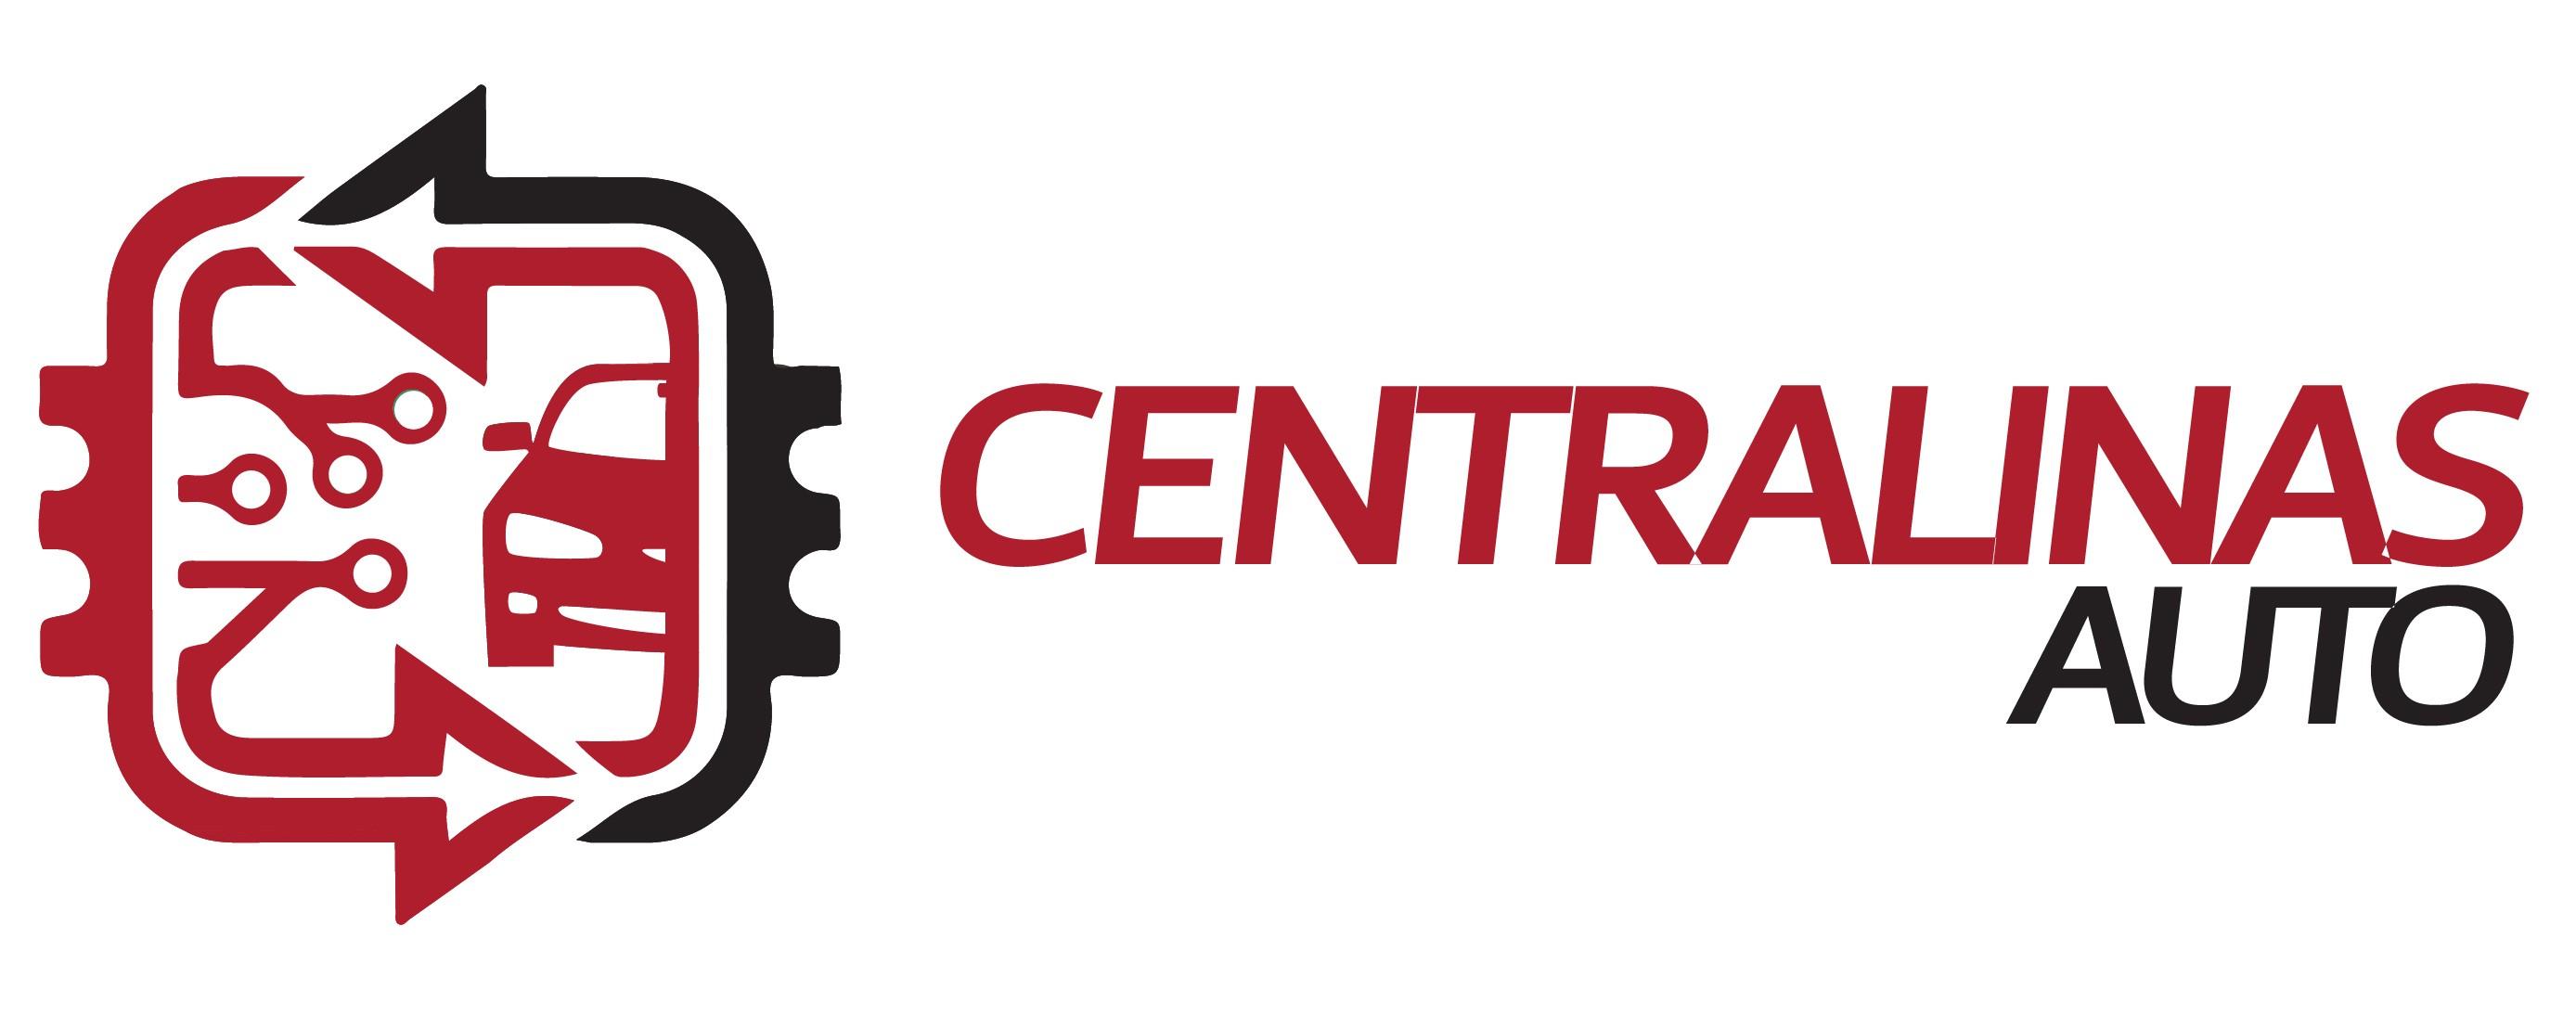 Centralinas Auto